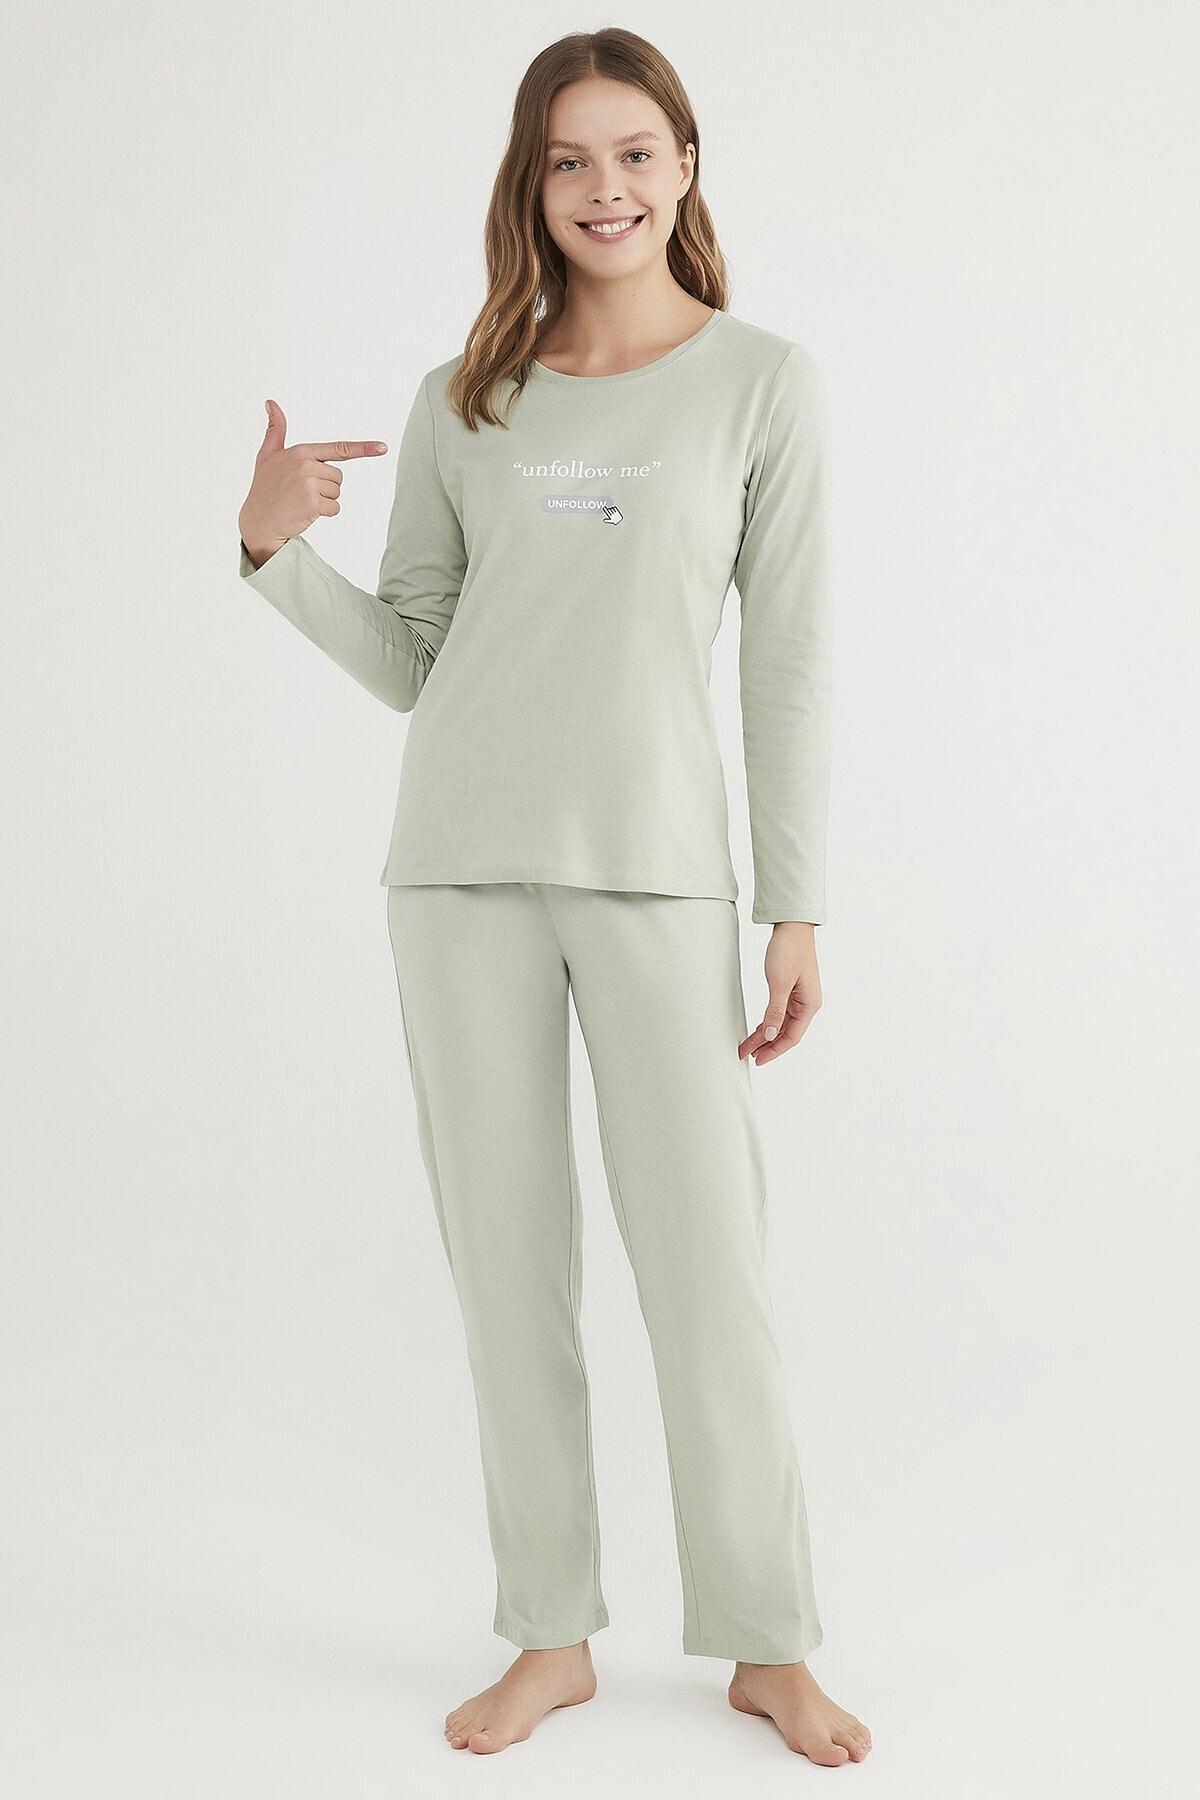 Mint Yeşili Base Unfollow Pijama Takımı